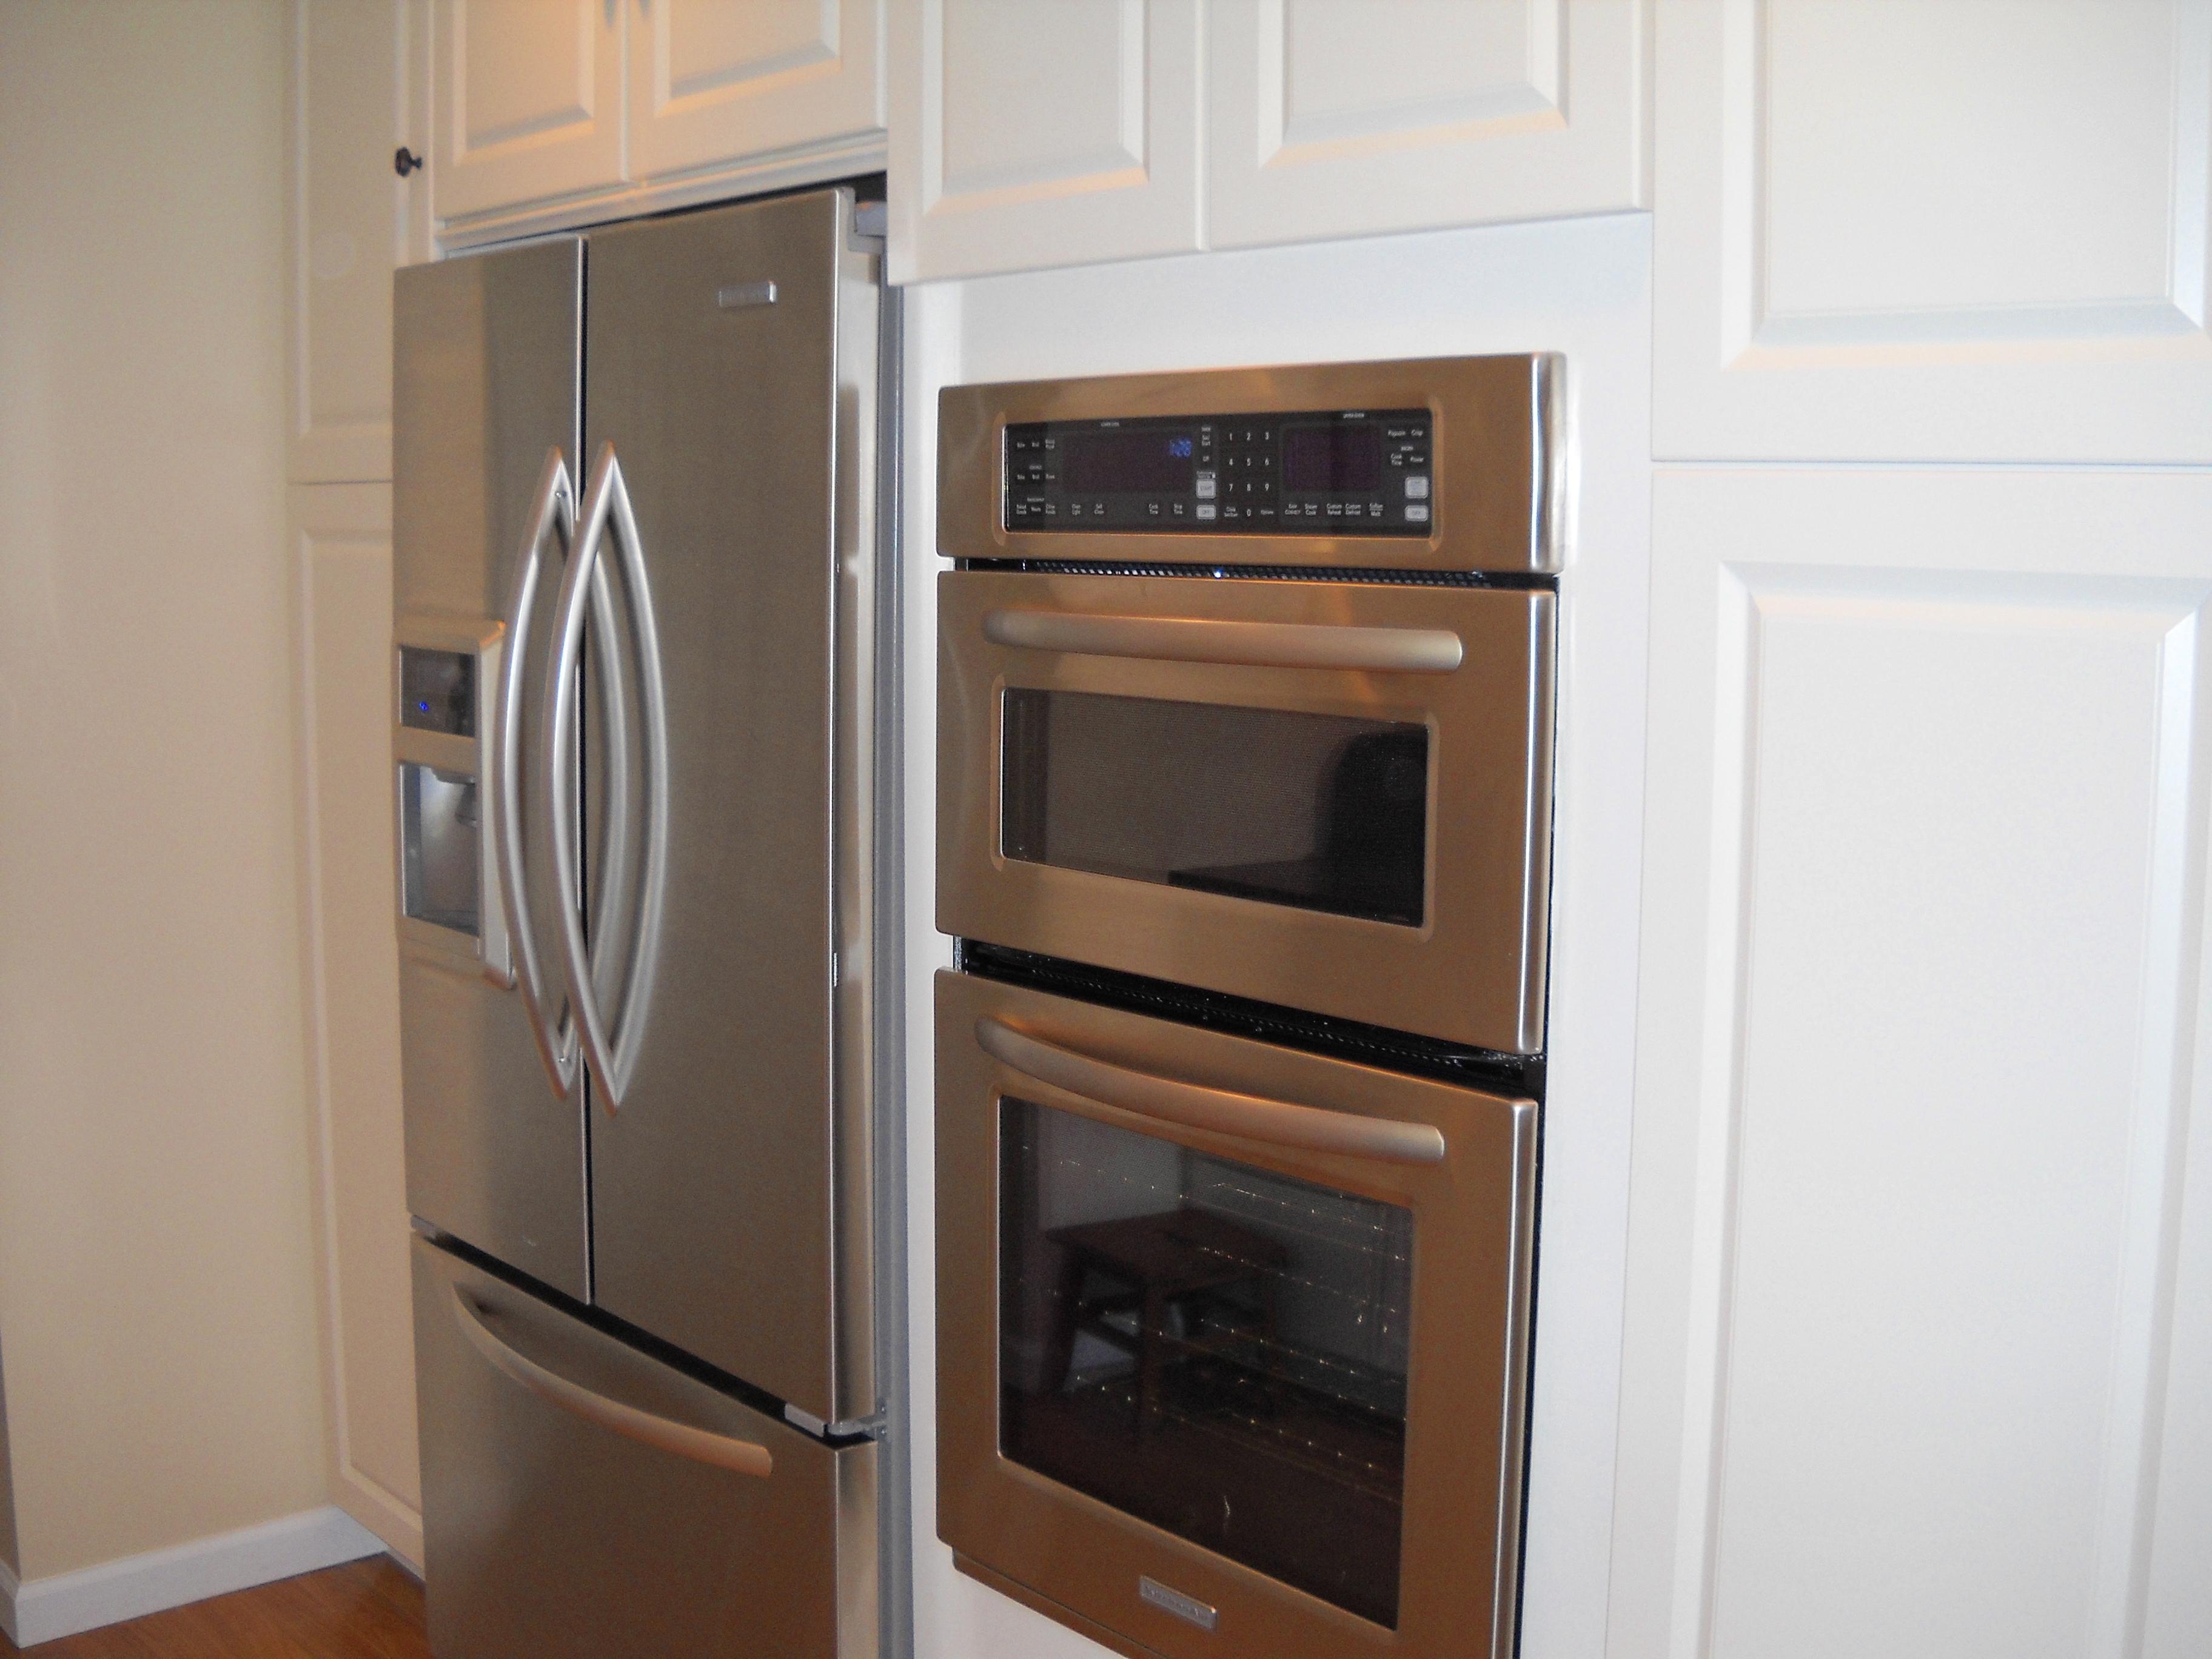 built in appliances. Black Bedroom Furniture Sets. Home Design Ideas